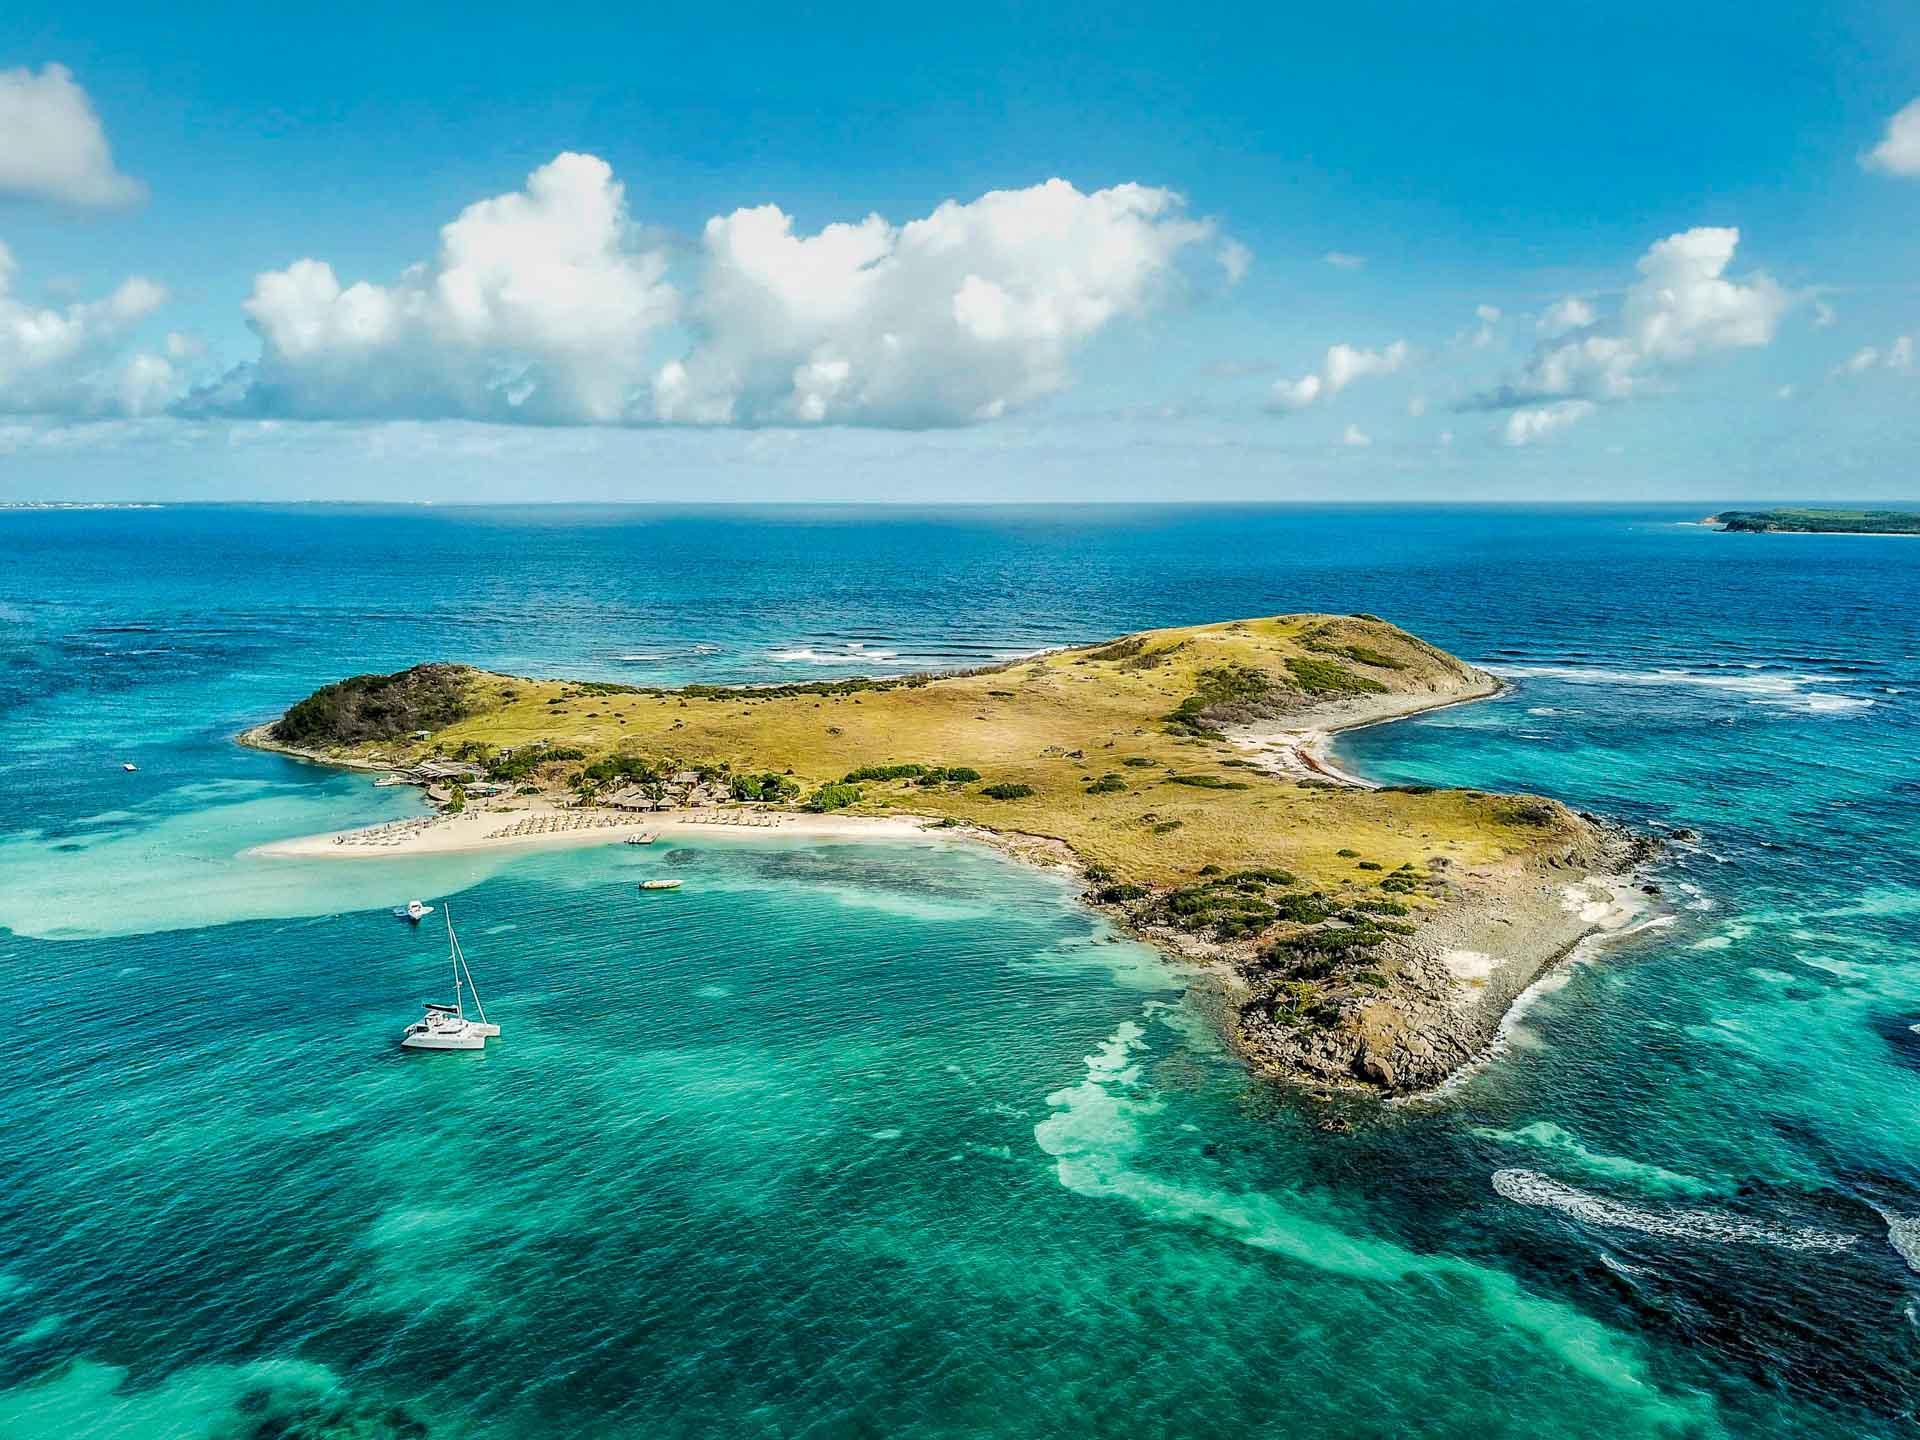 L'ile Pinel est entourée d'un camaïeu de bleus © DR